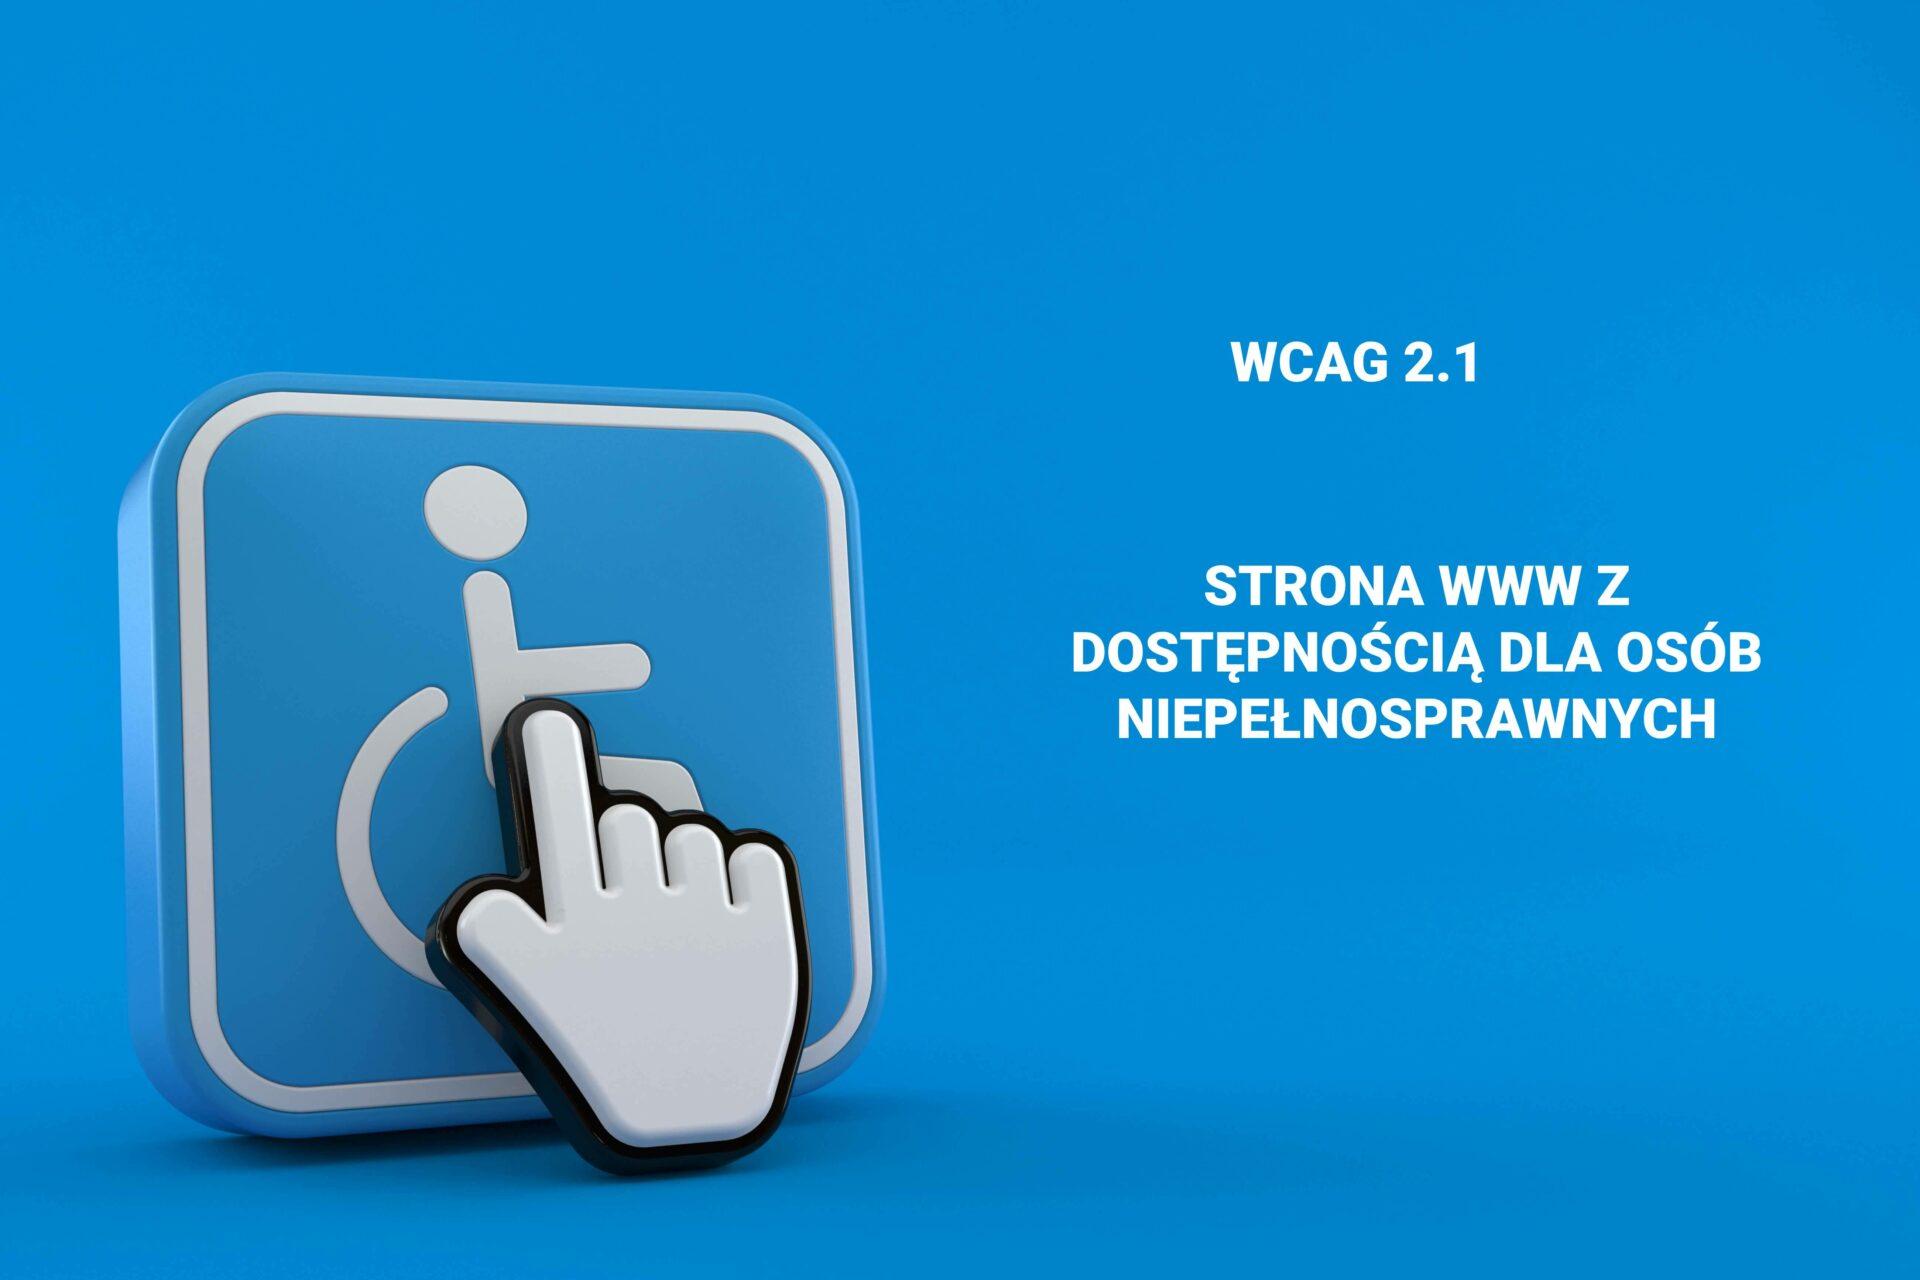 Dostosowanie strony do wytycznych ustawy WCAG dla osób z niepełnosprawnościami